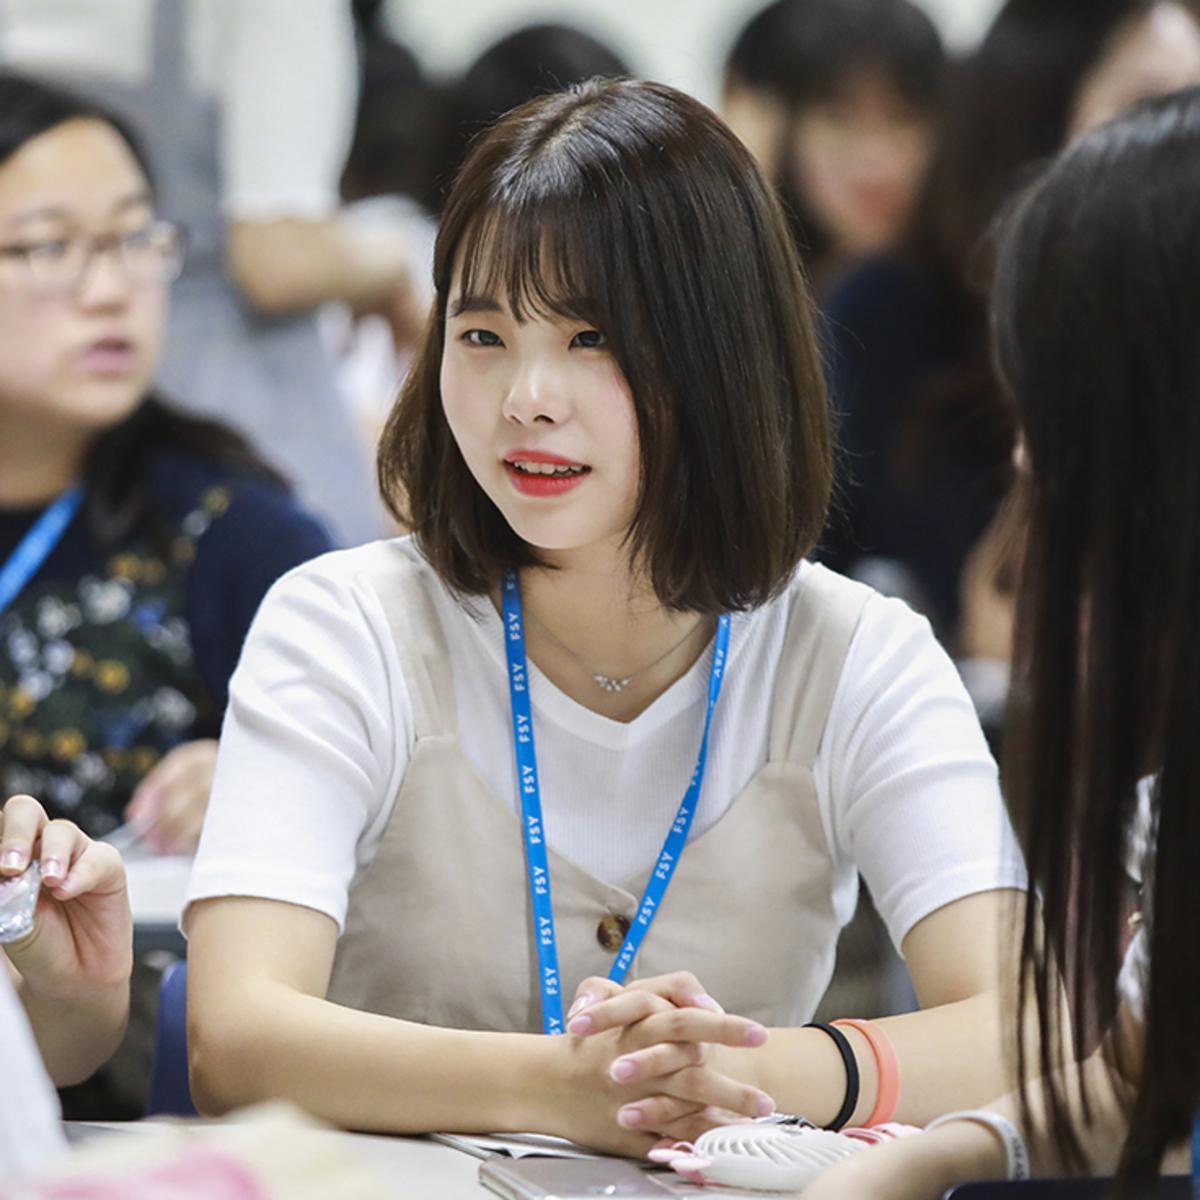 앉아서 이야기 하고 있는 청녀의 모습